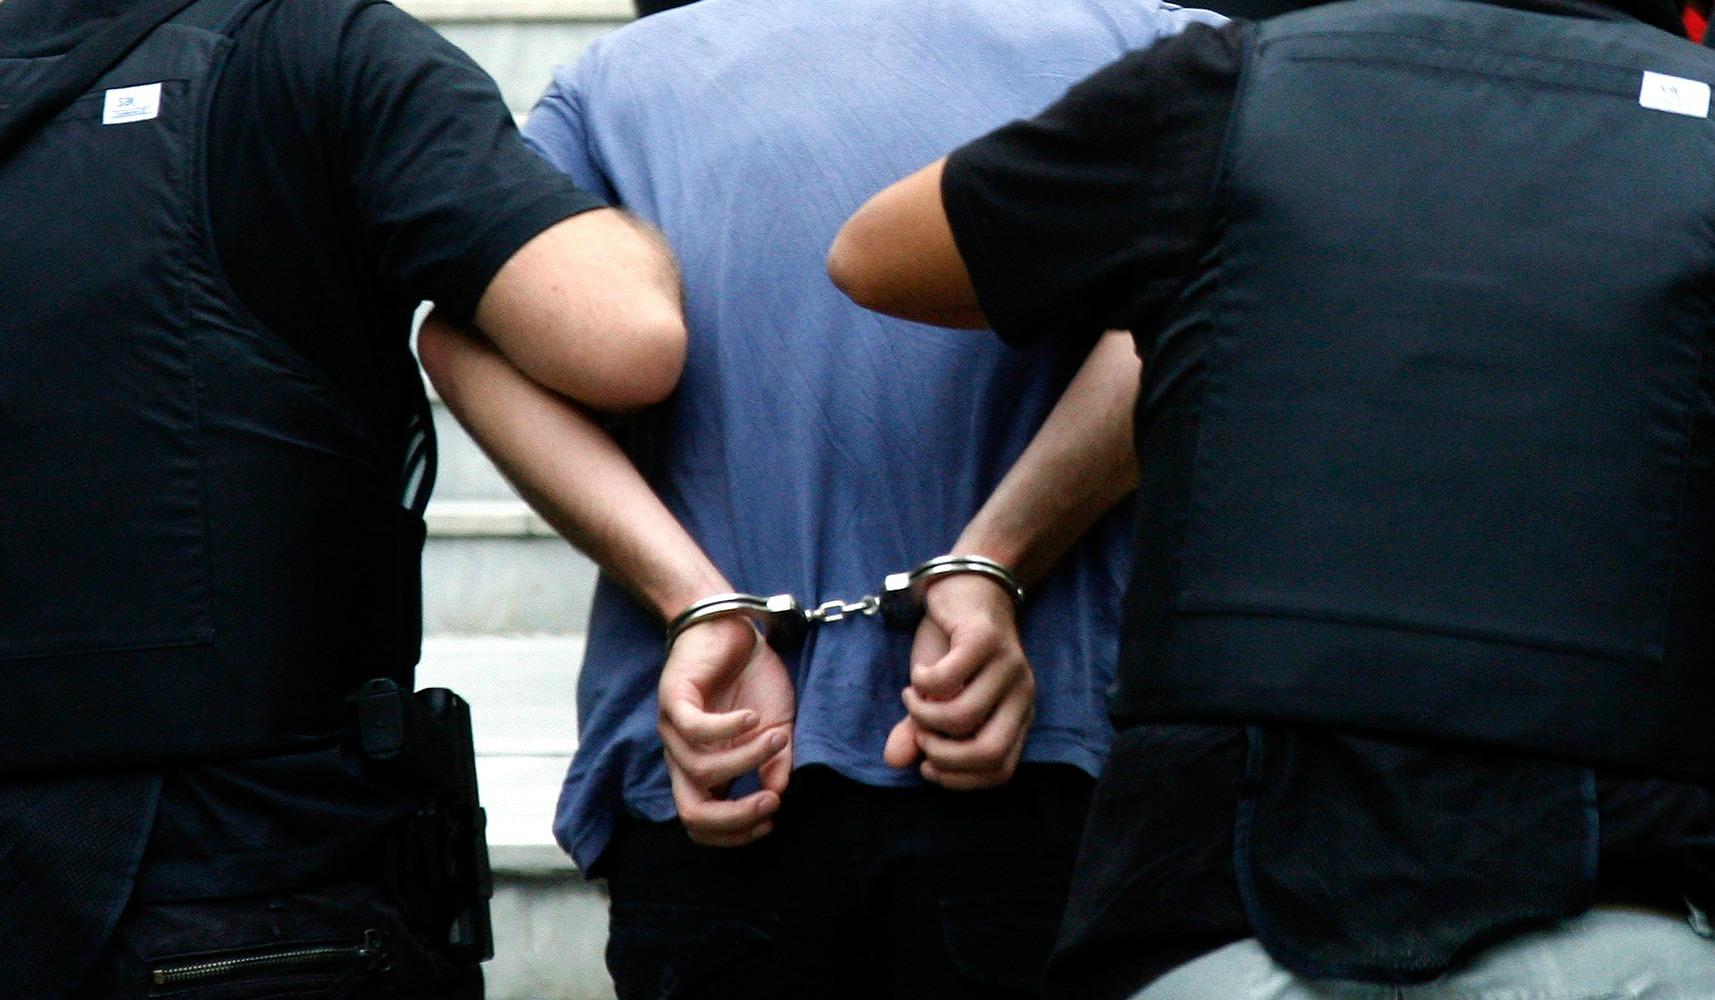 Ναύπακτος: Πιάστηκε να μεταφέρει παράνομους αλλοδαπούς